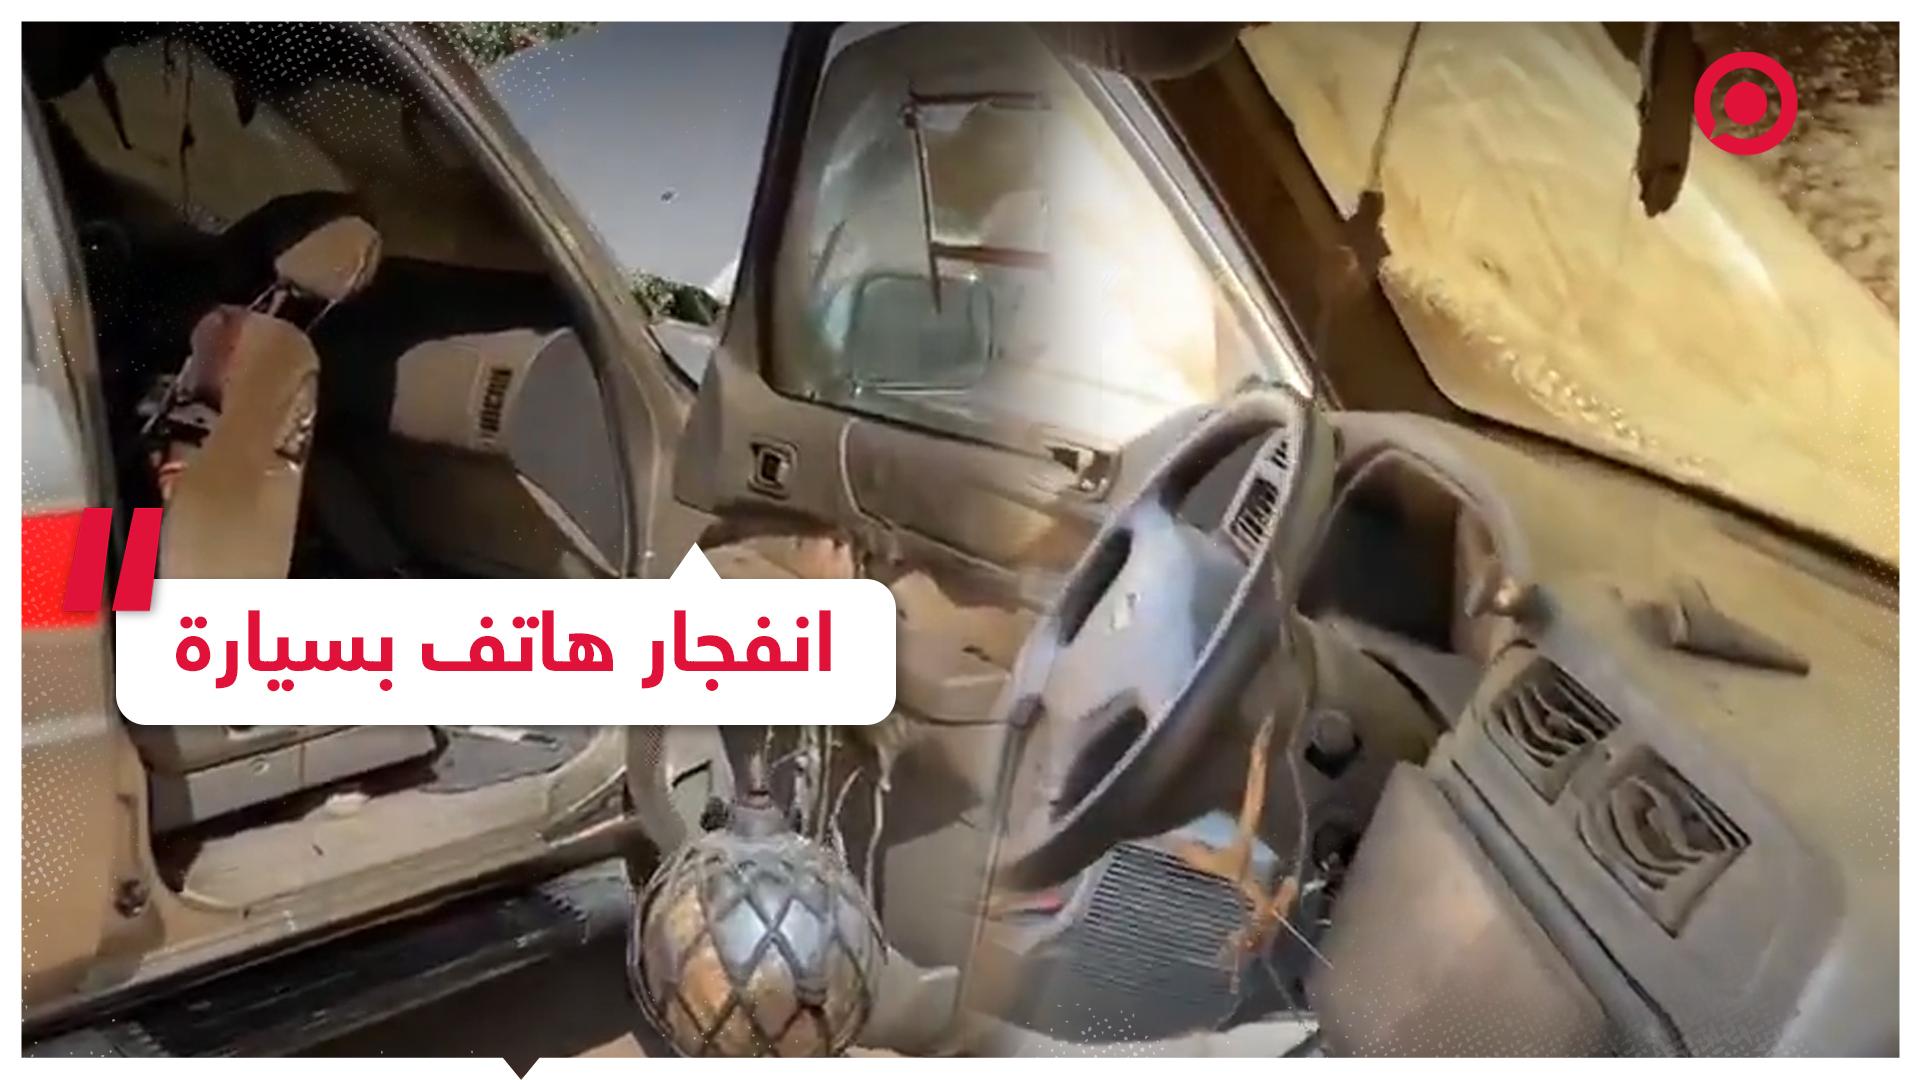 احتراق سيارة بعد انفجار بطارية هاتف محمول